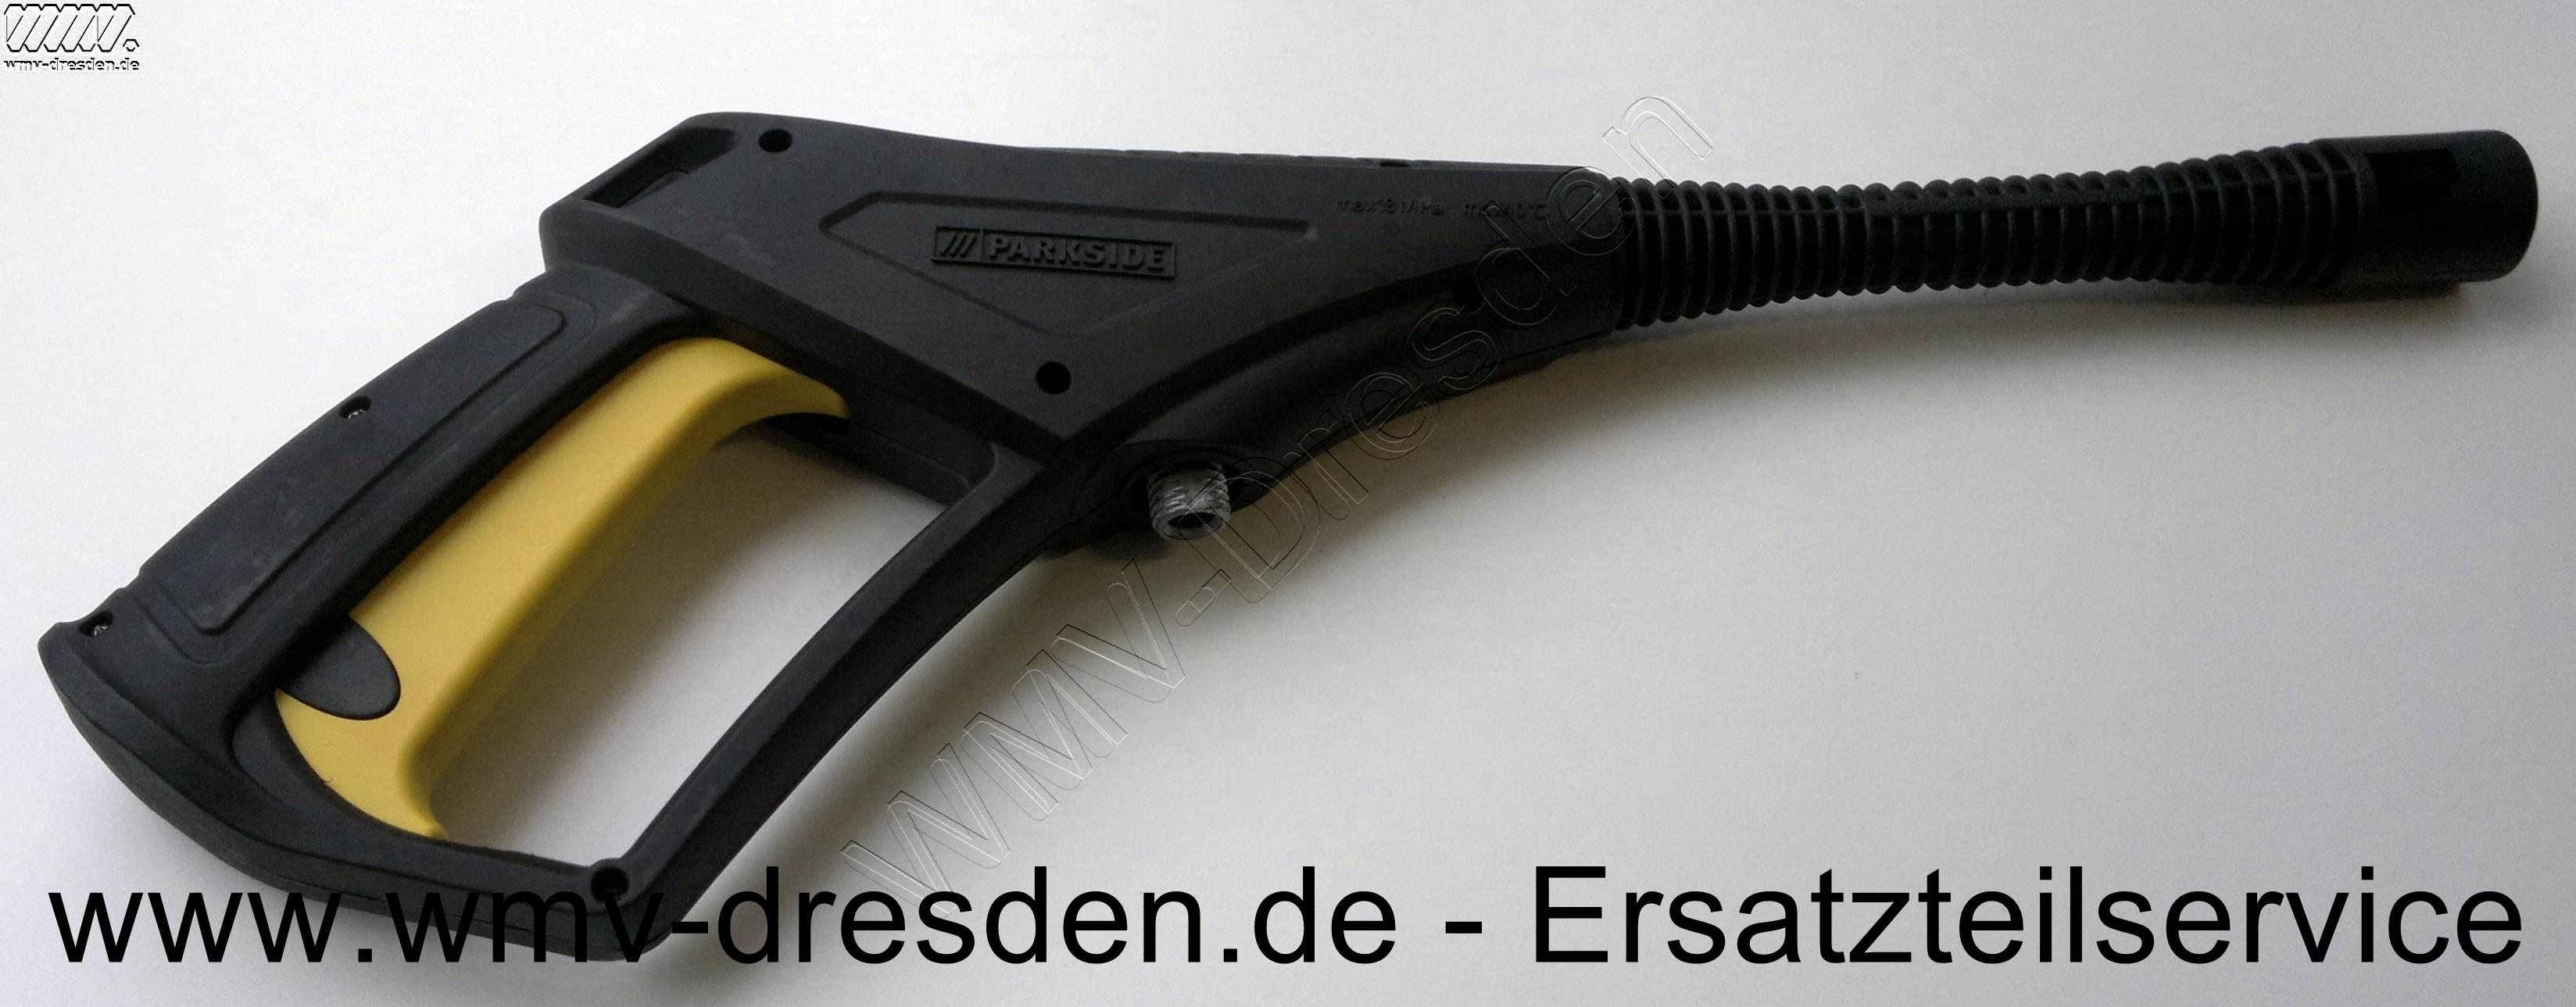 Spritzpistole PHD 150 A1 und PHD 150 B2-Anschlussgewinde AußenØ 15,4 mm, seitlich plan gefräst 13,4 mm, innere Öffnung 9,25mm